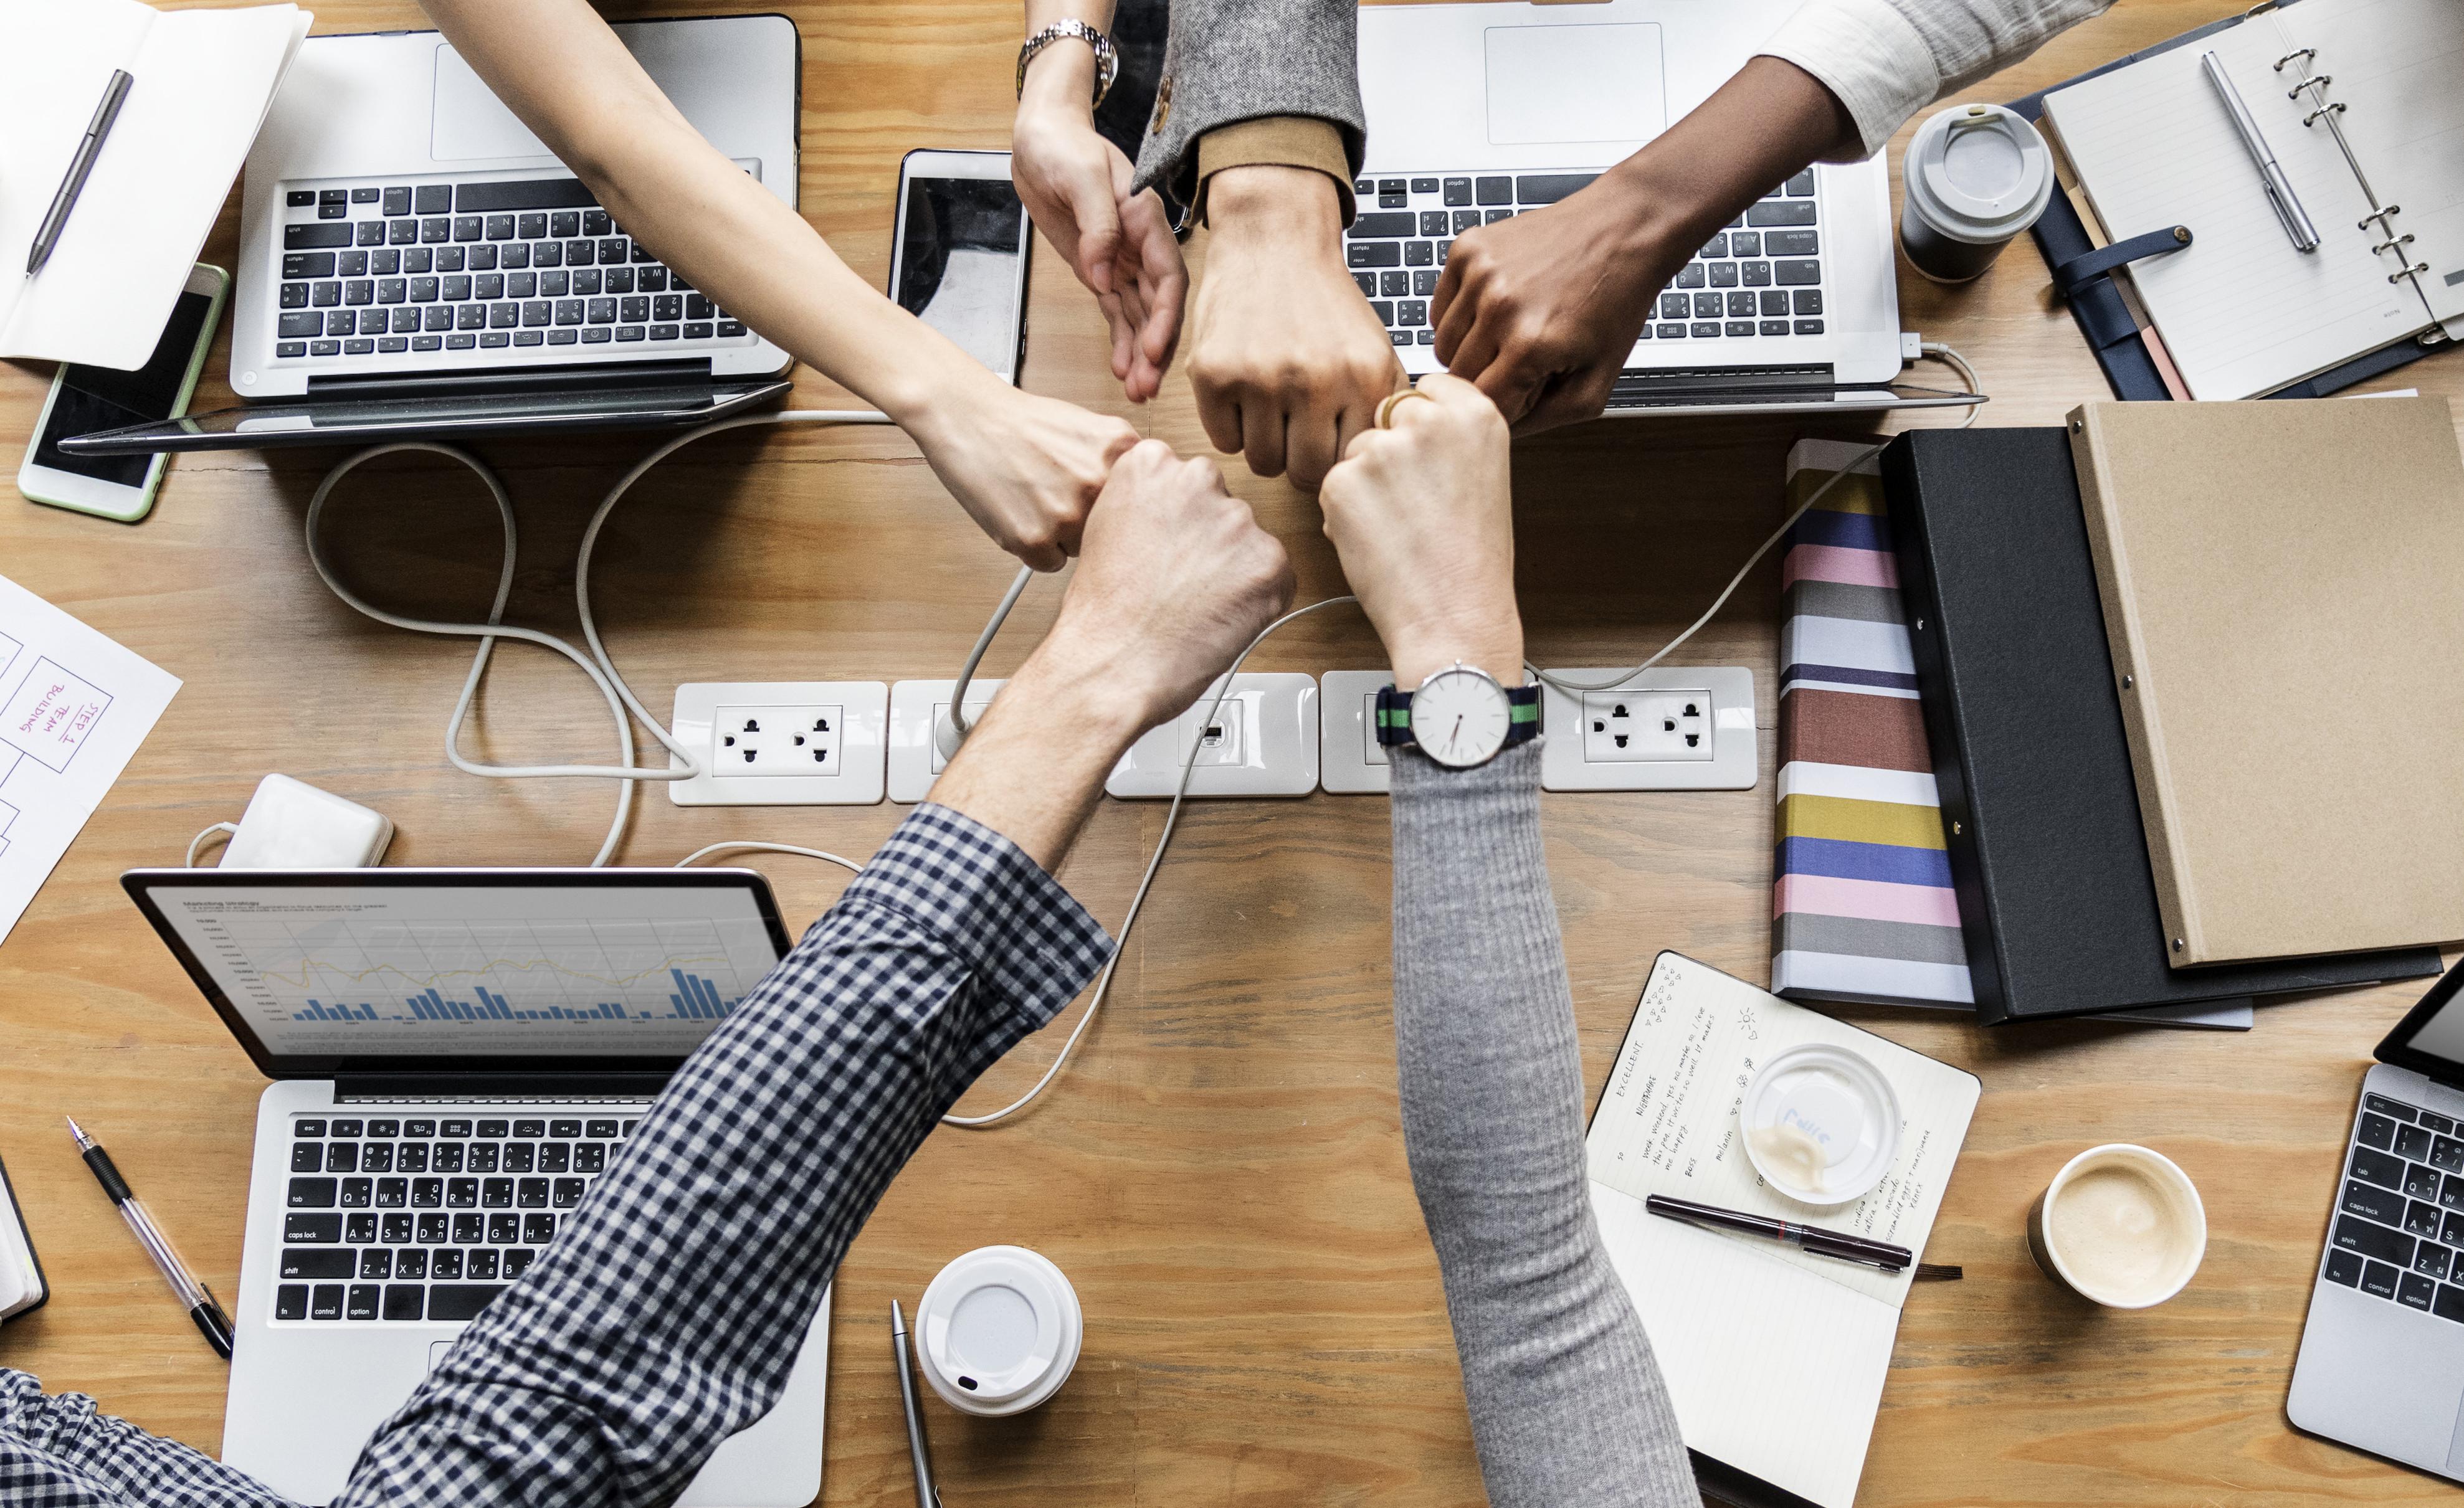 Mentoria per a emprenedors